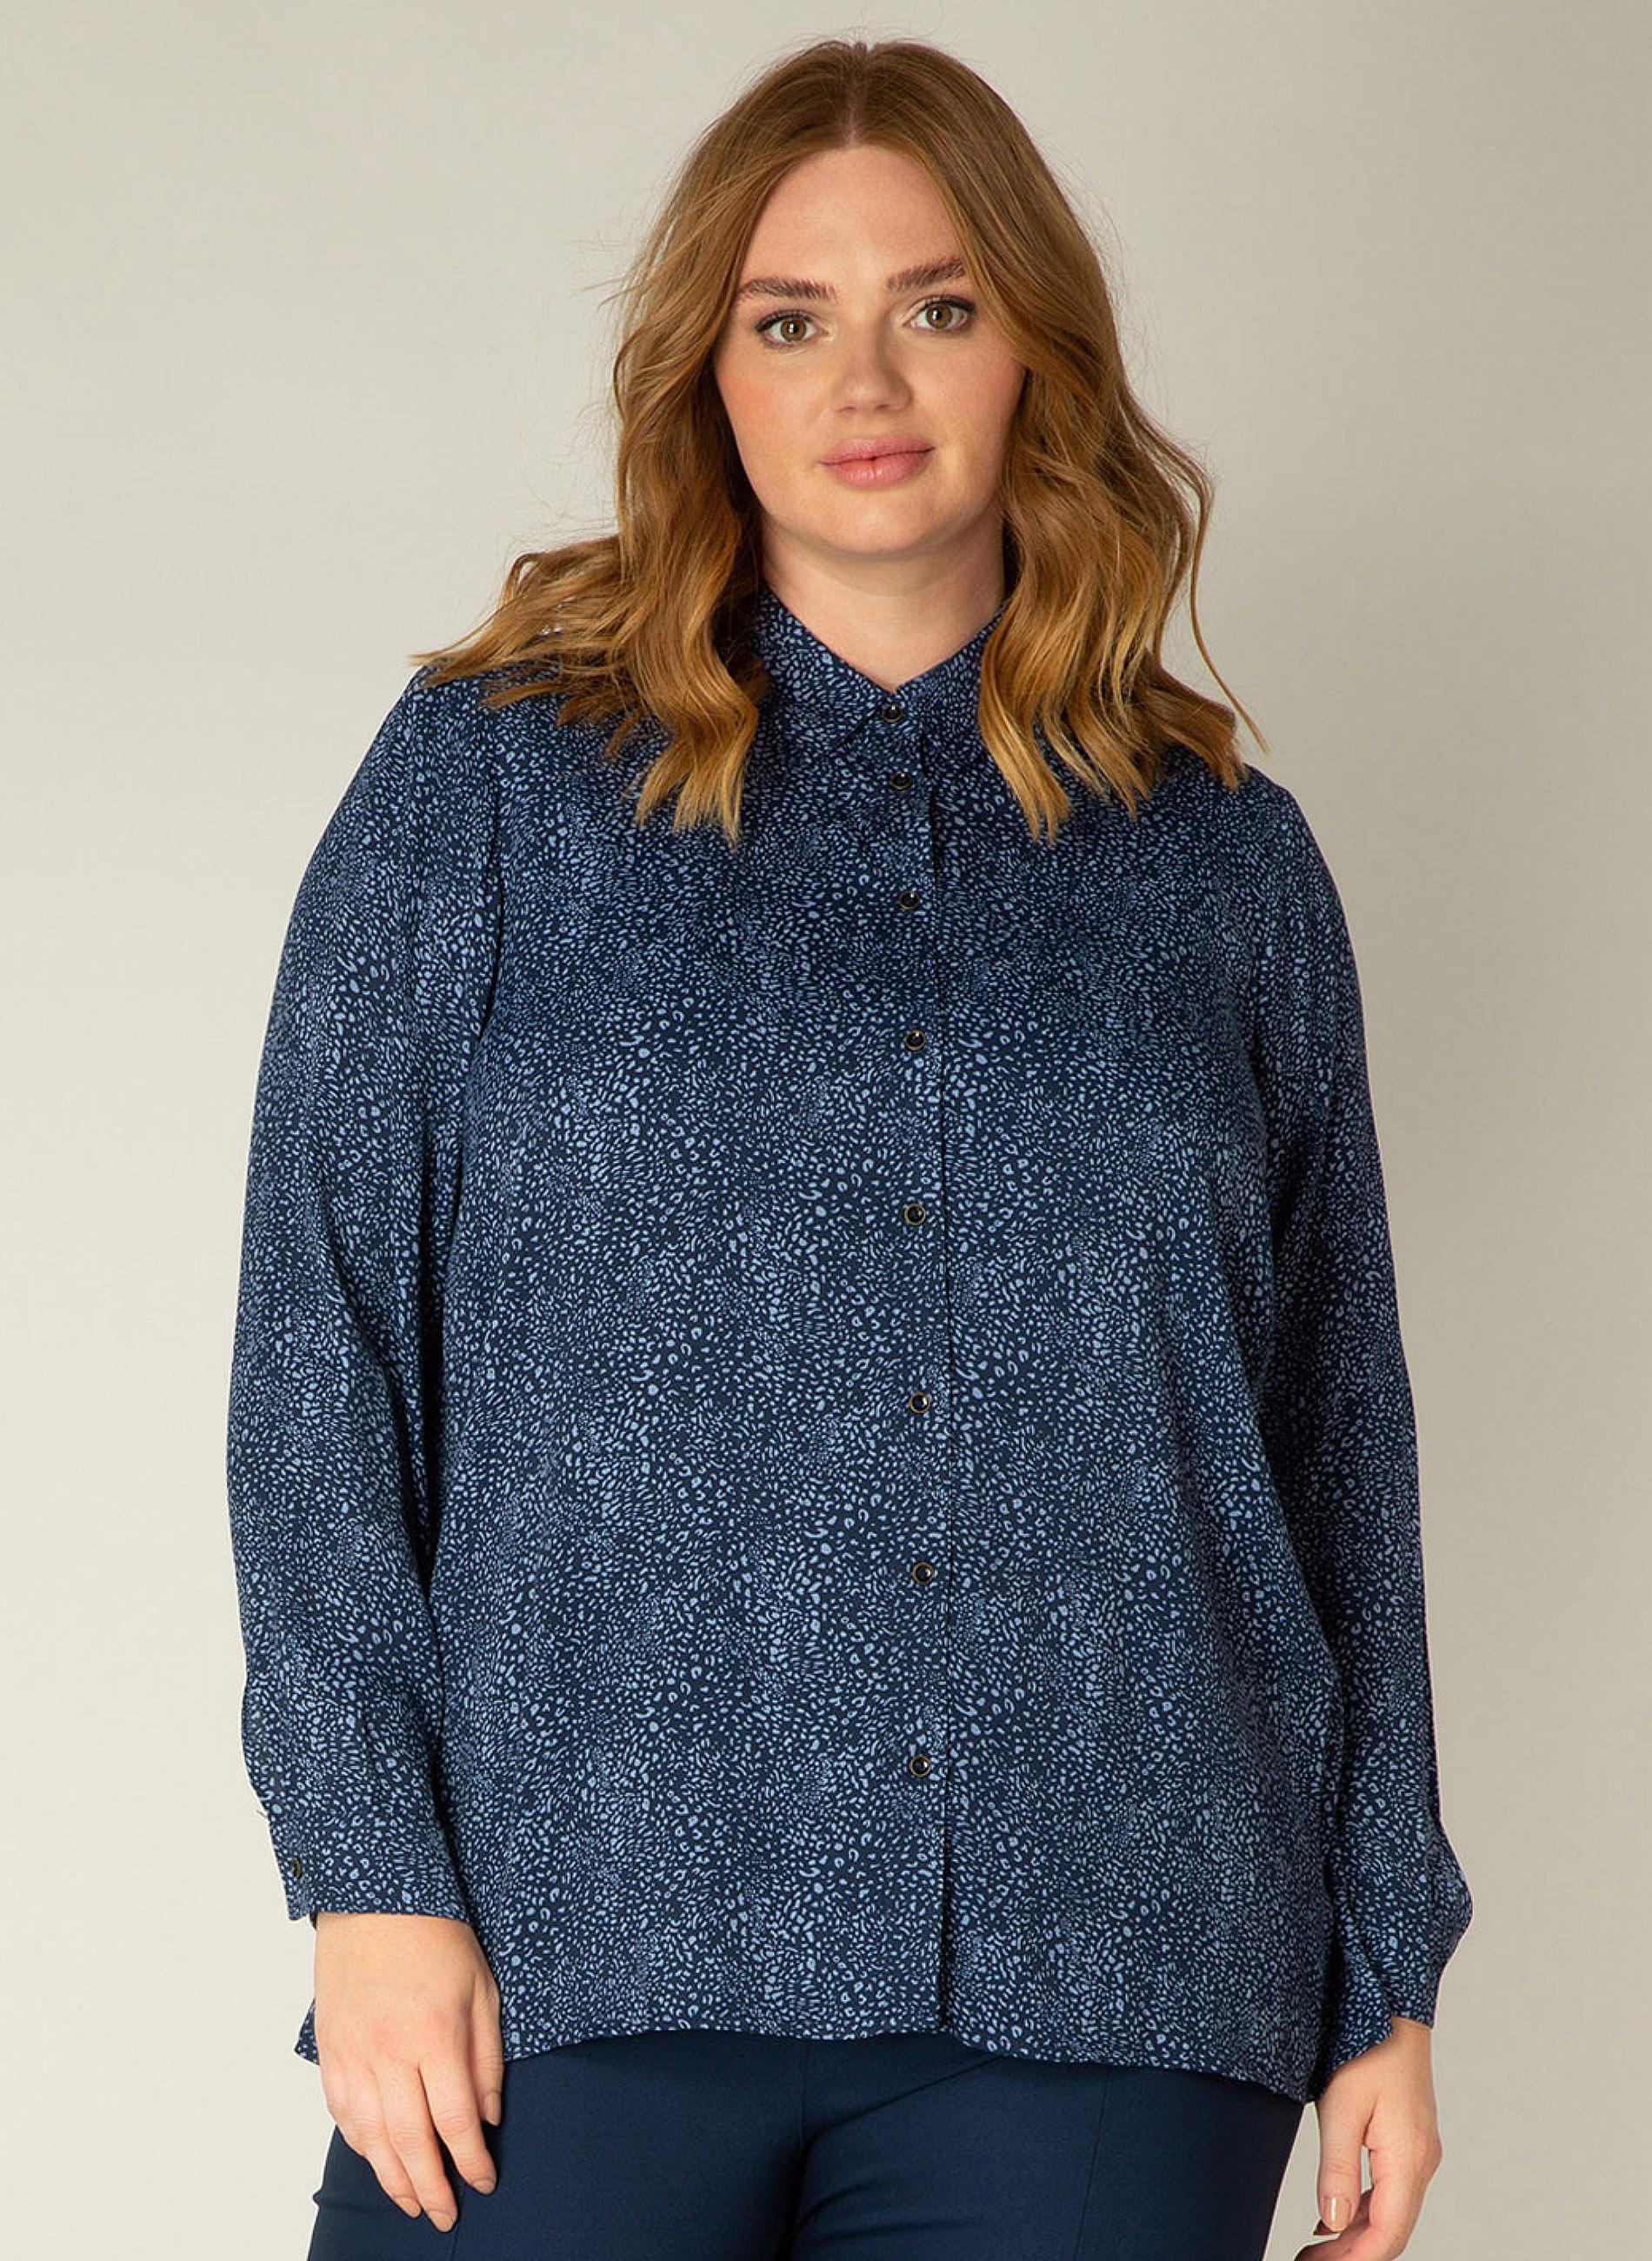 Yesta blouse Valentijn Essential